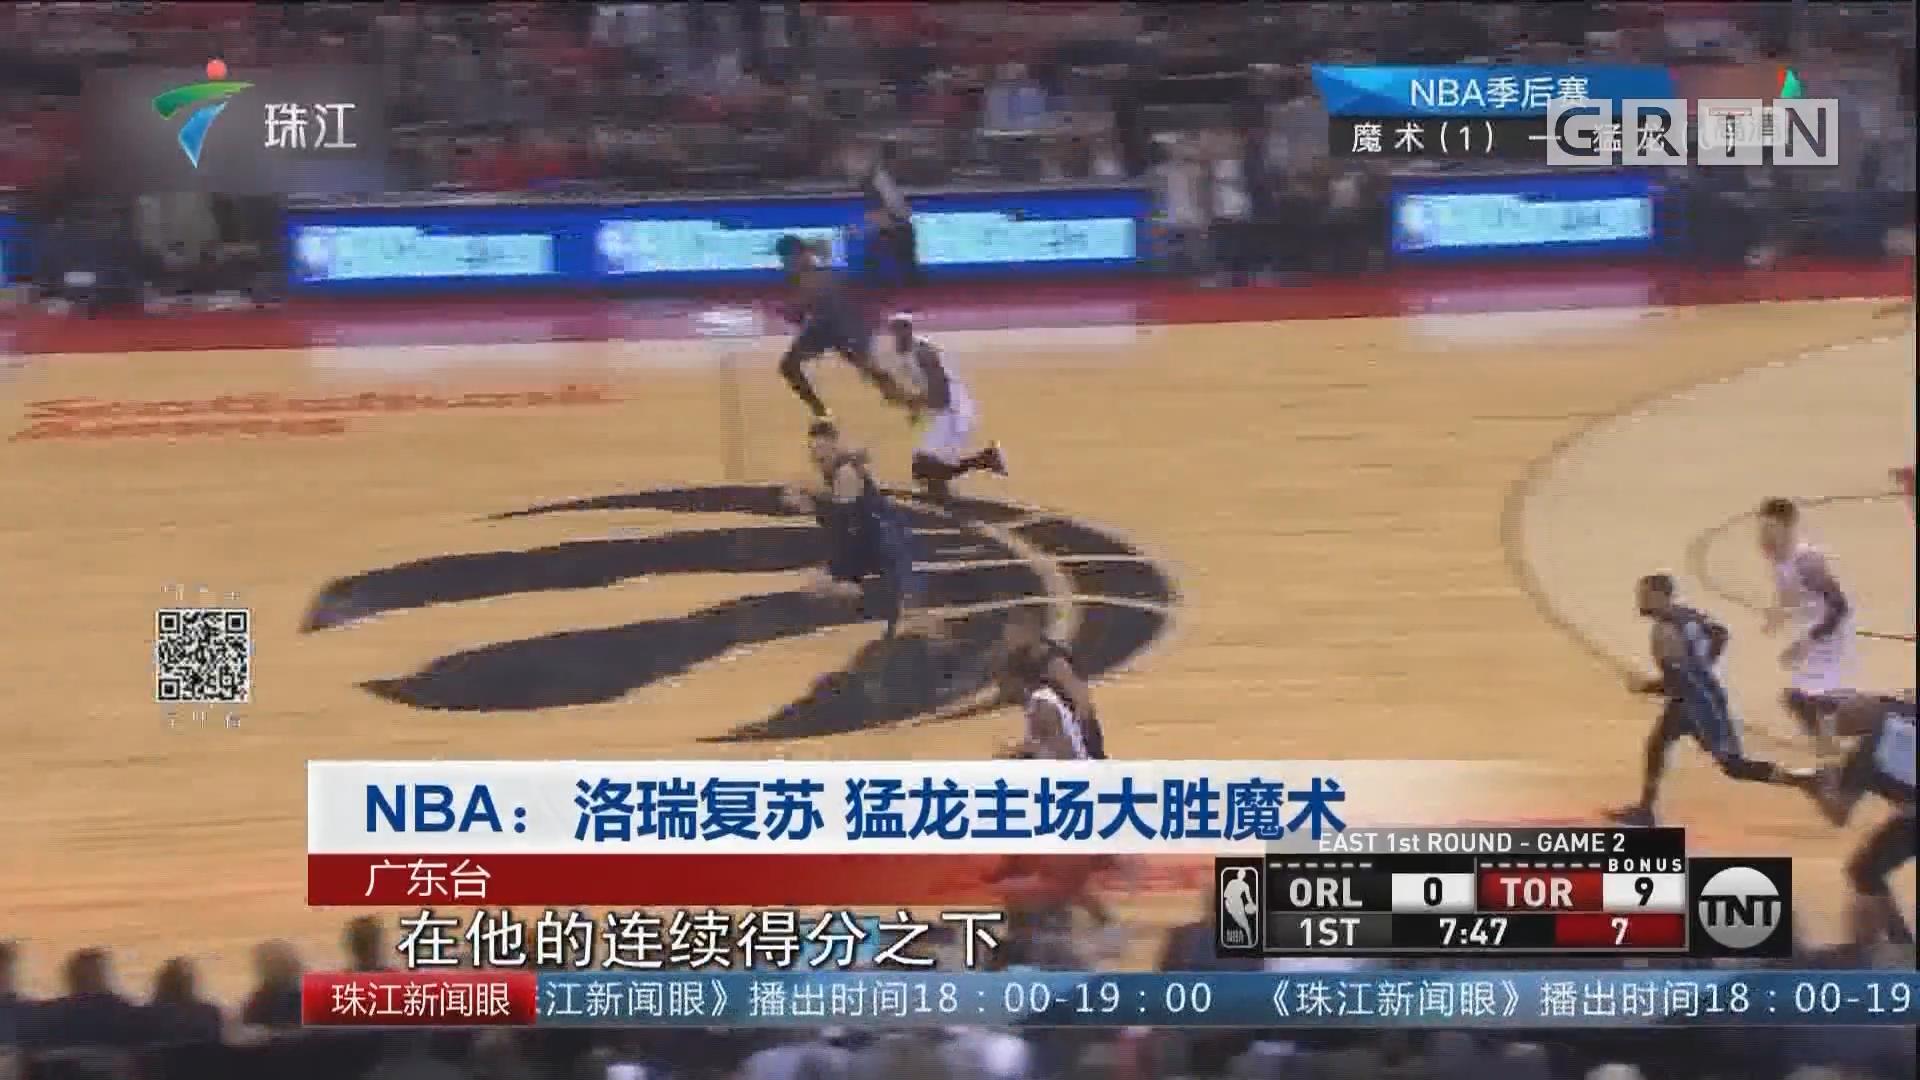 NBA:洛瑞复苏 猛龙主场大胜魔术